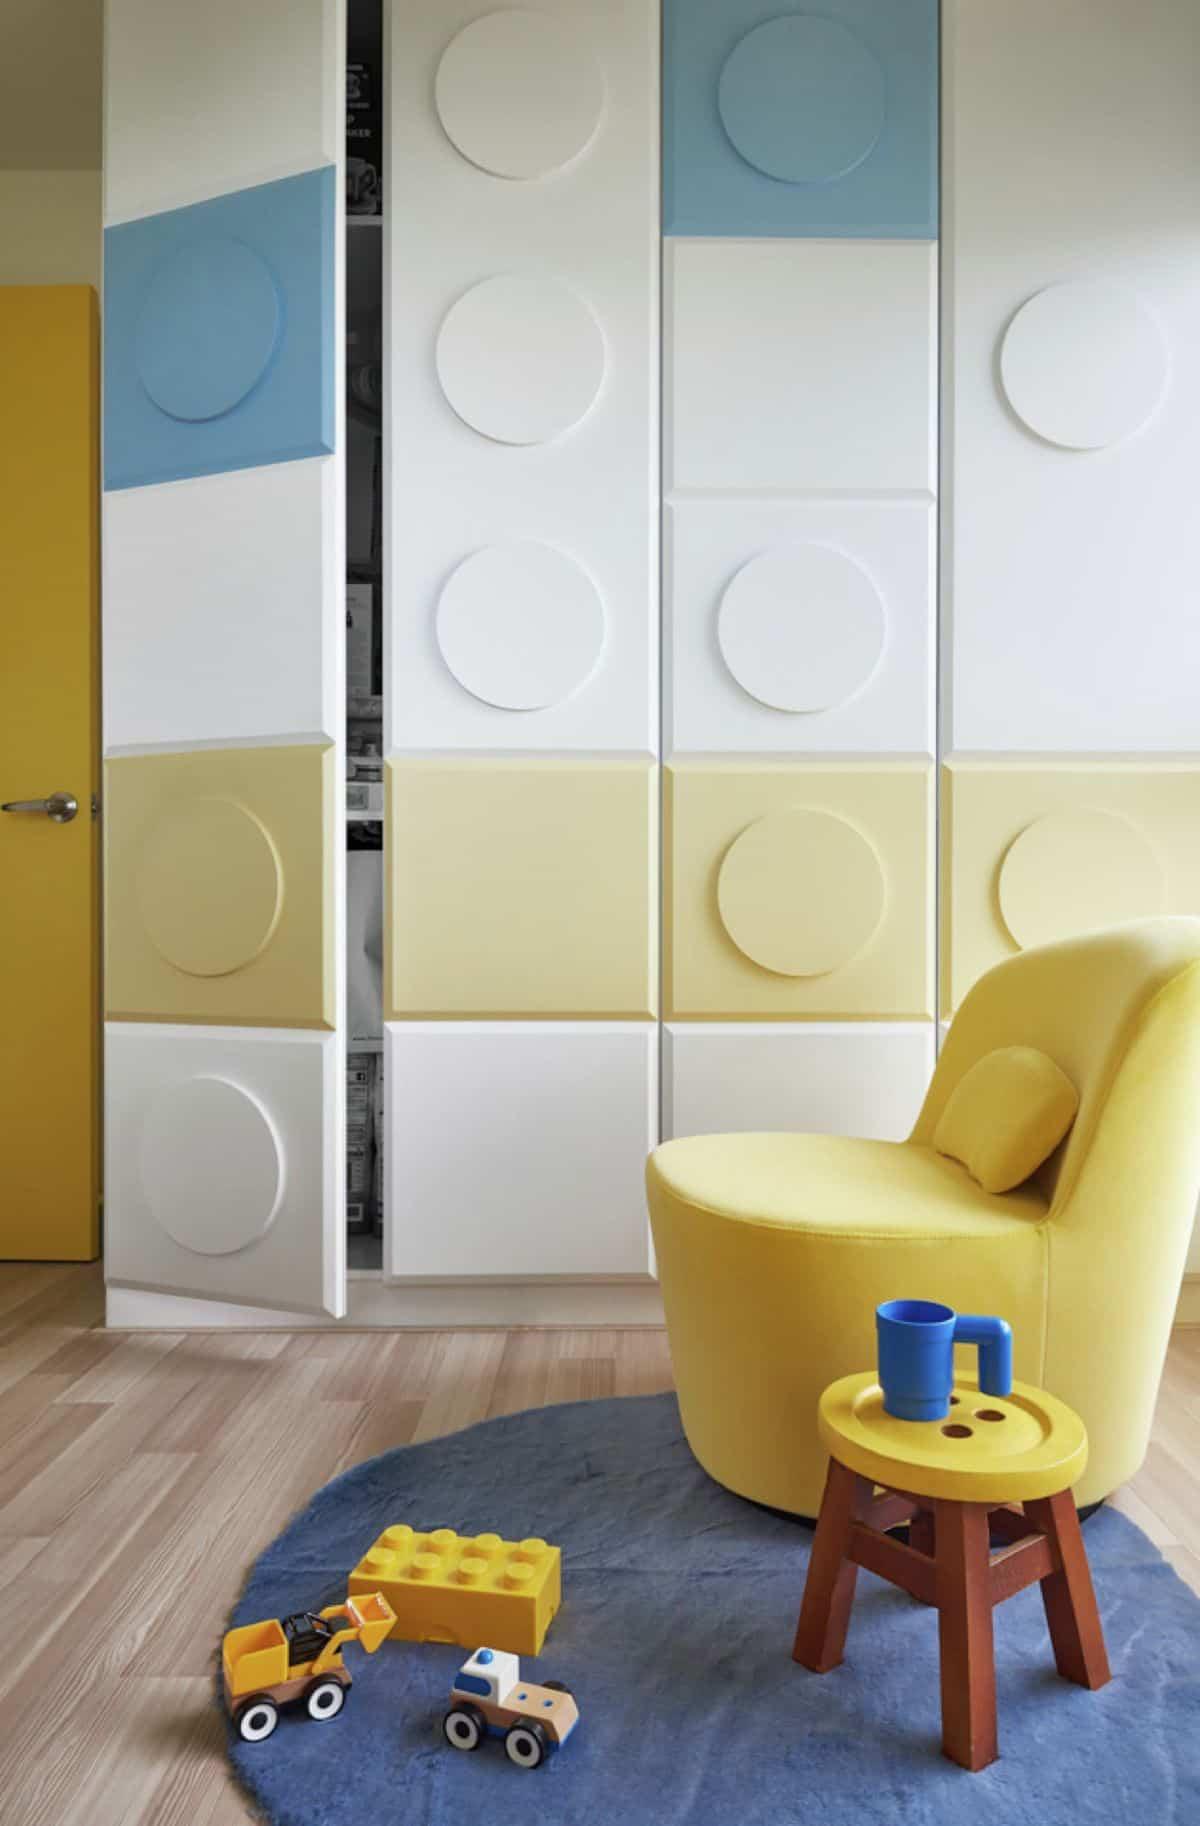 Apartamento inspirado en las piezas de Lego - piezas por todas partes